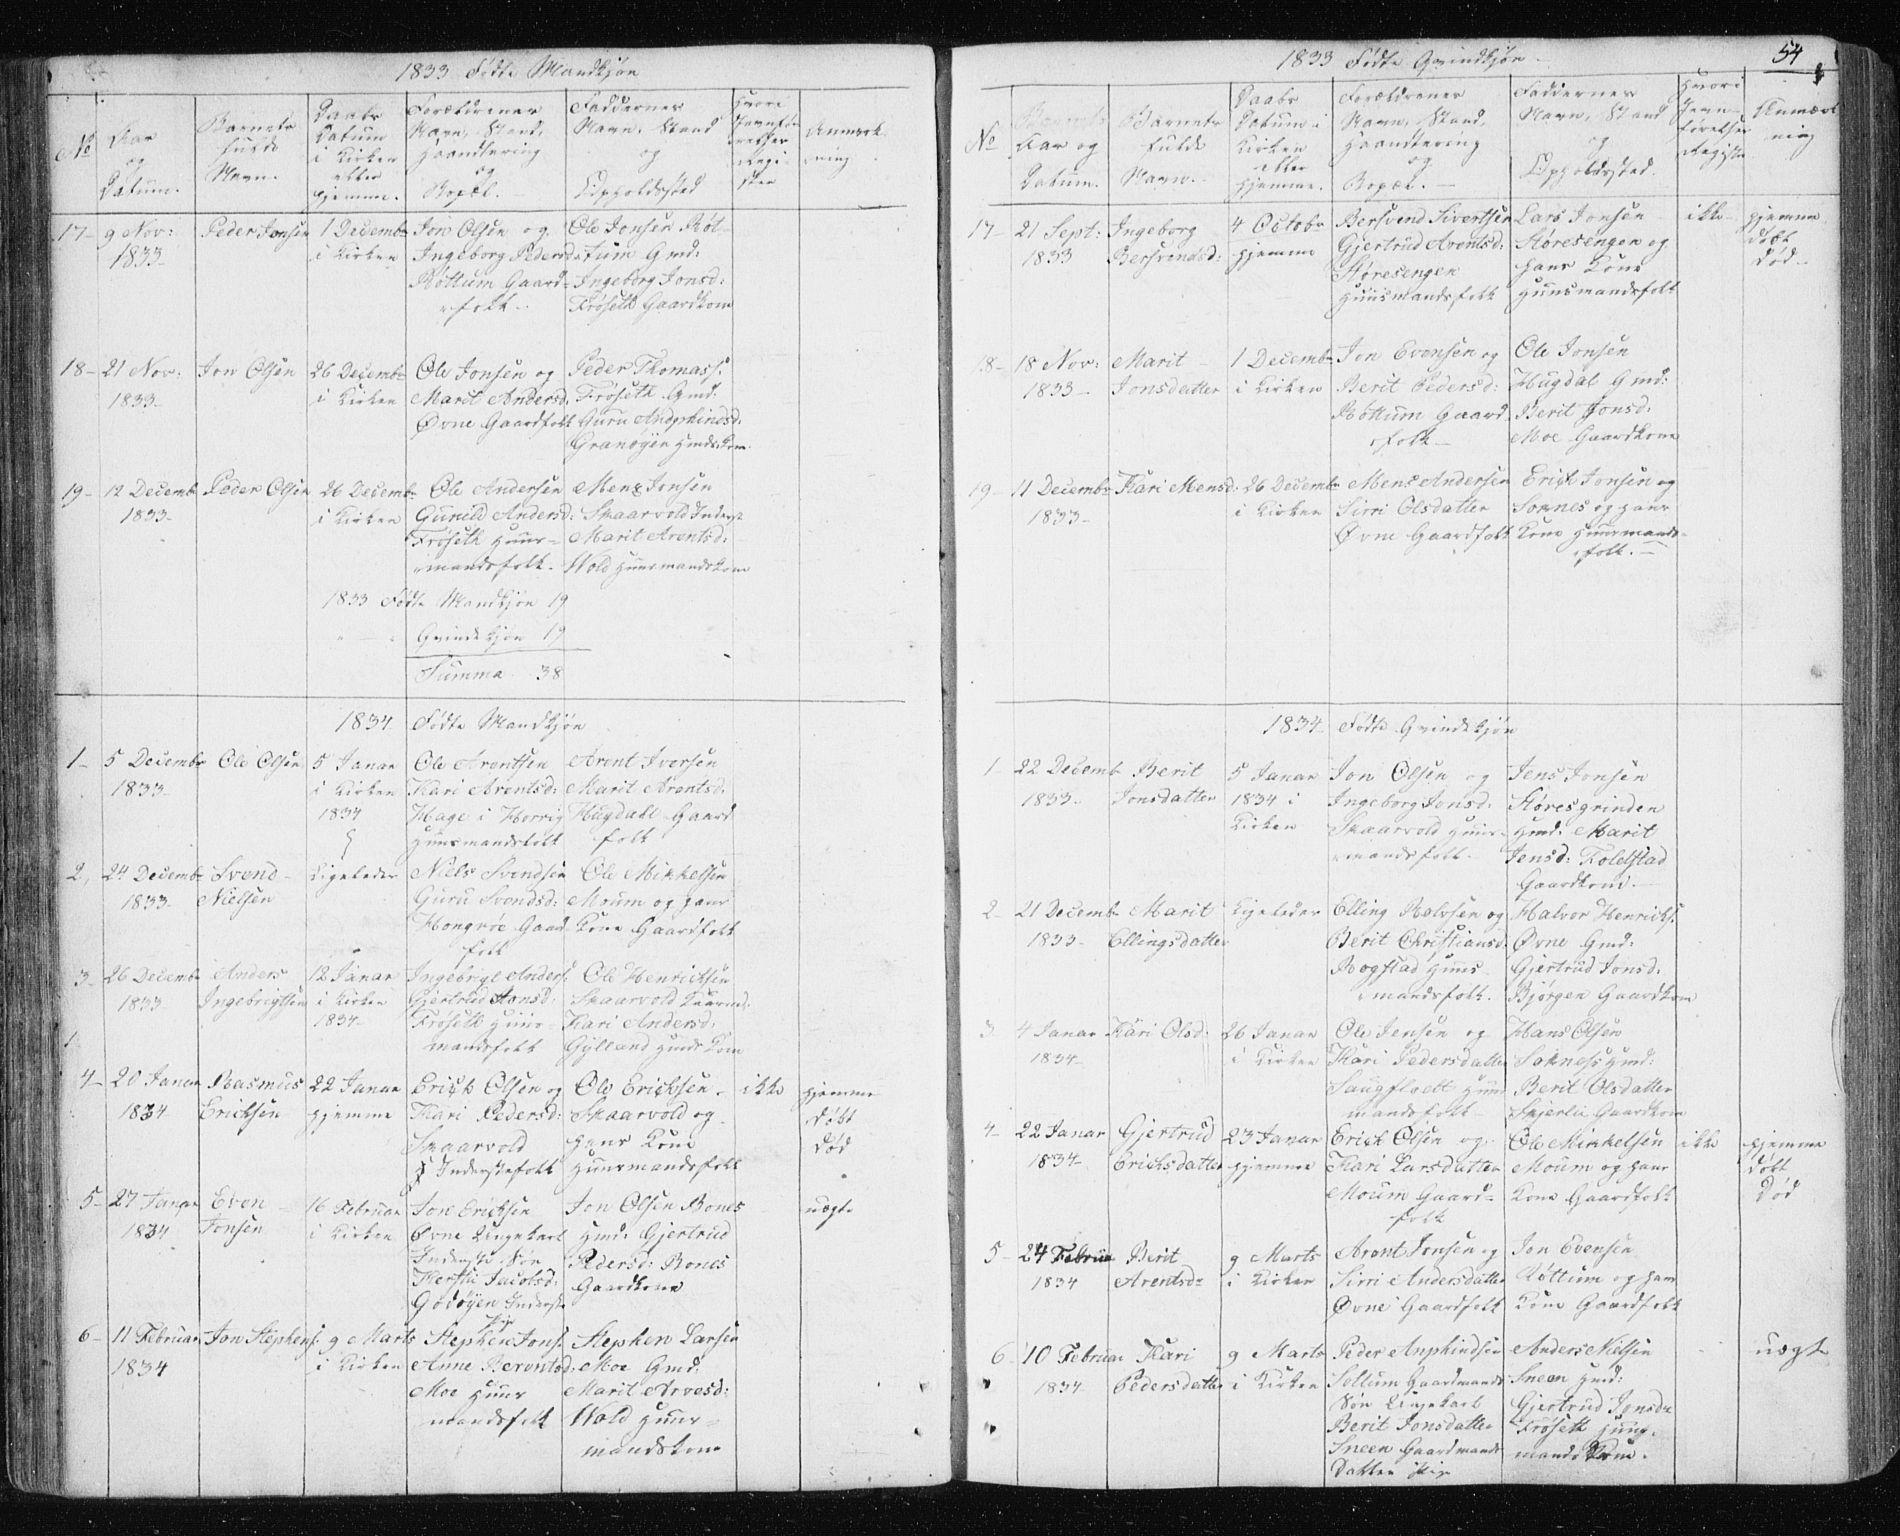 SAT, Ministerialprotokoller, klokkerbøker og fødselsregistre - Sør-Trøndelag, 687/L1017: Klokkerbok nr. 687C01, 1816-1837, s. 54